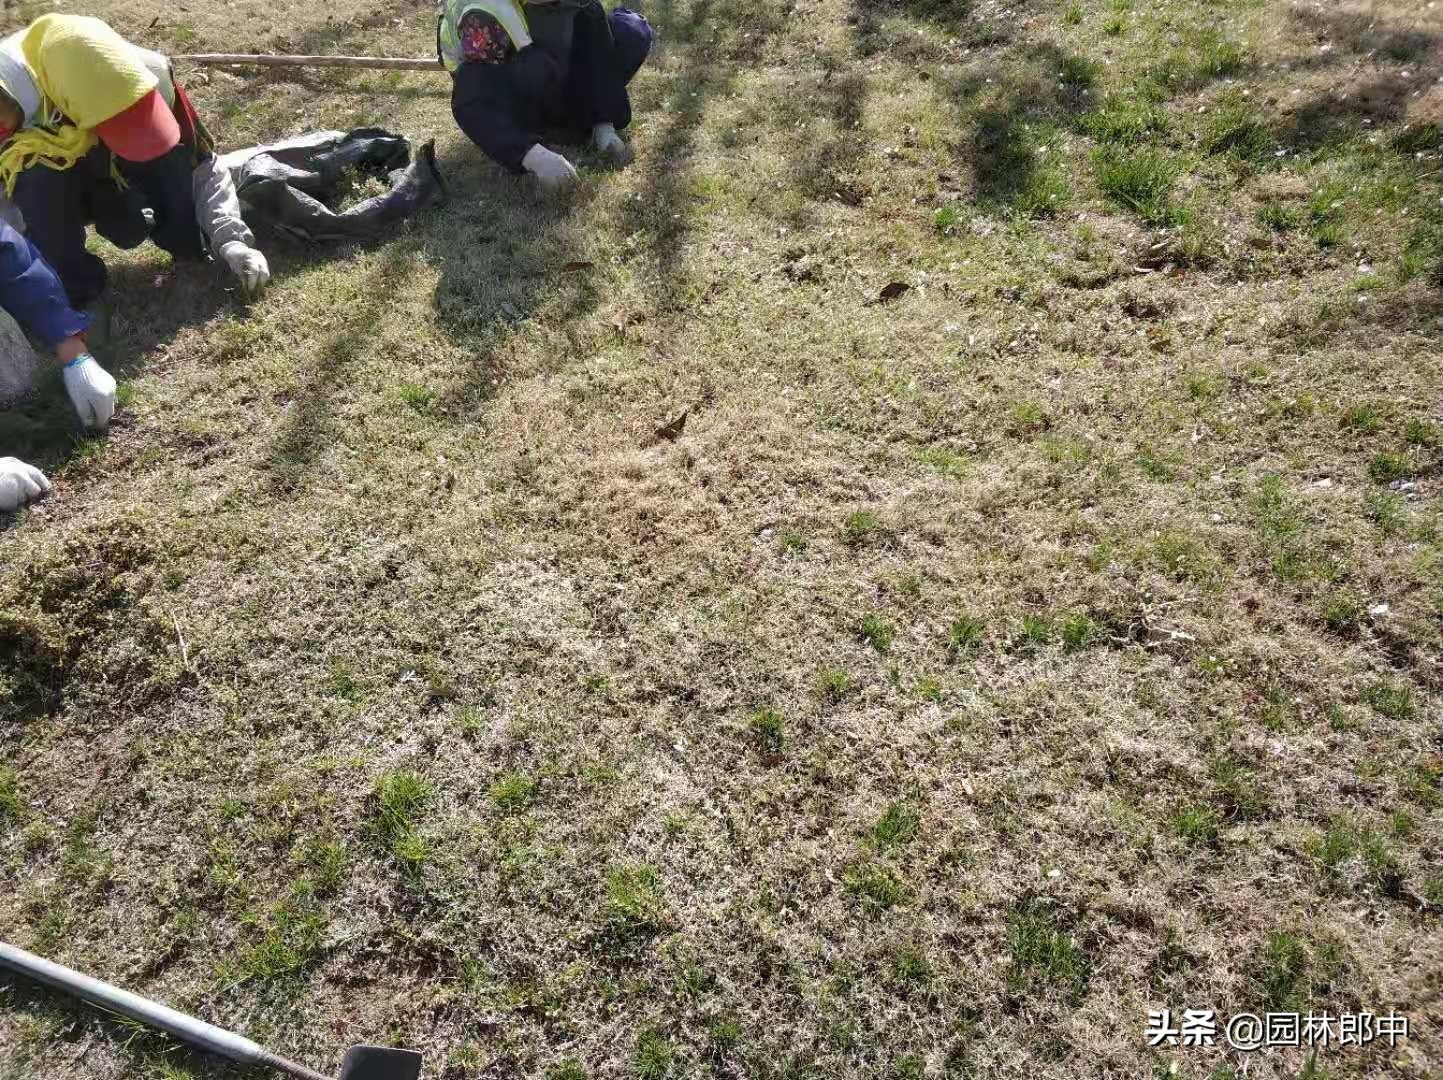 春天草坪成片干枯、死亡,怎么回事儿?原来是金针虫在危害 草坪干枯 第4张